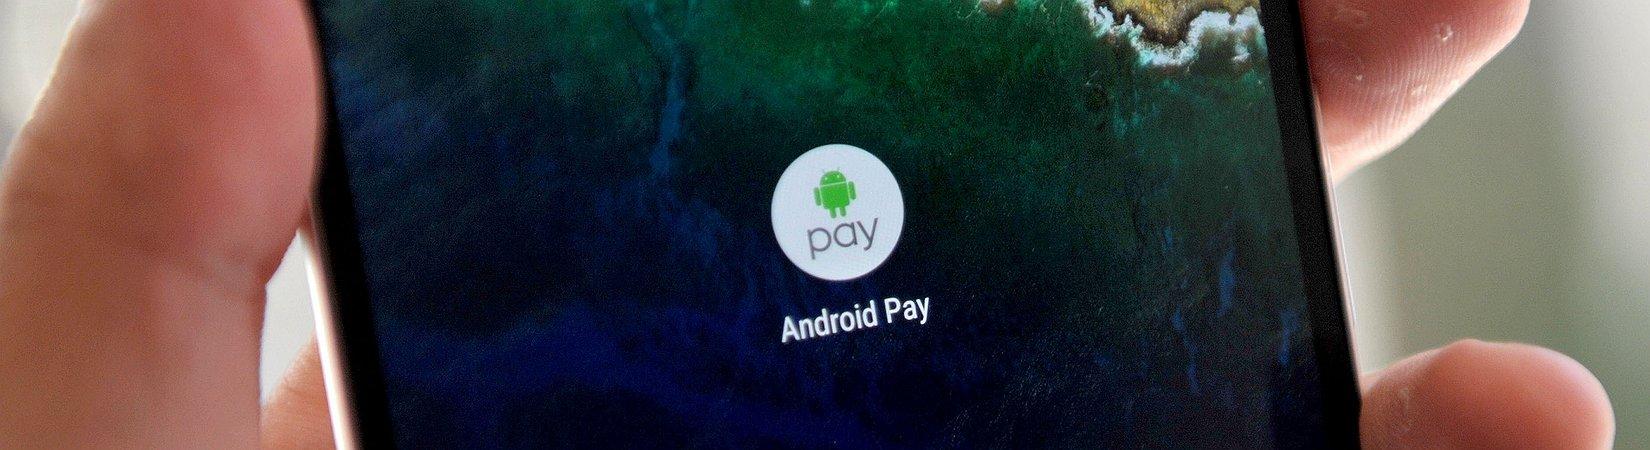 Android Pay в России: Краткая инструкция